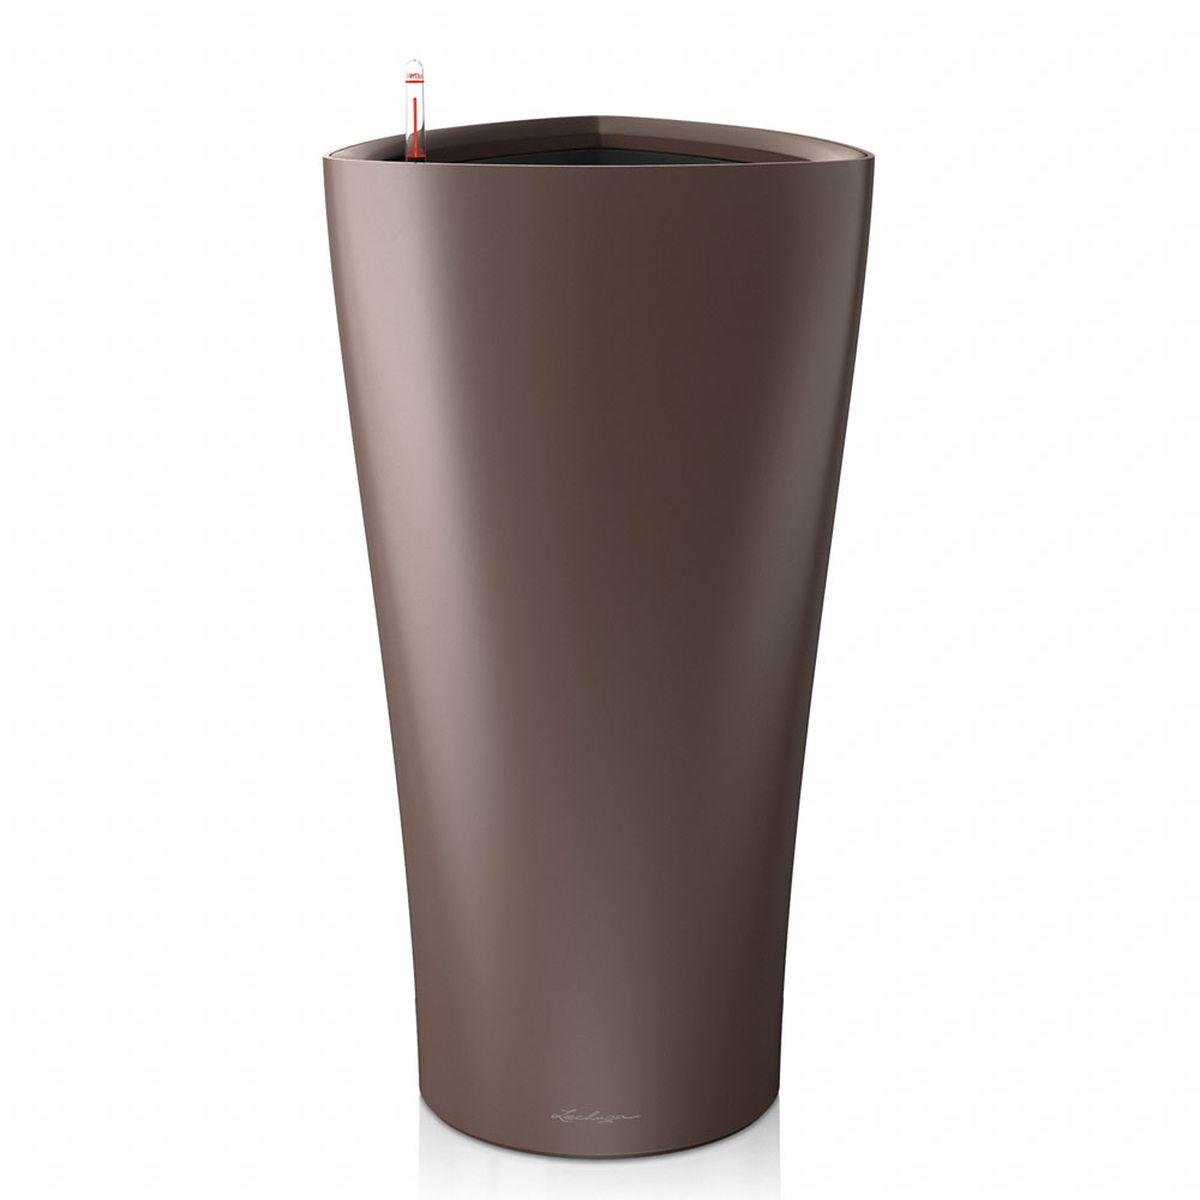 Кашпо с автополивом Lechuza Delta 30х56 см, эспрессо15517LECHUZA DELTA объединяет технологии и дизайн: спрятанная в кашпо плавной, органичной формы, система автополива LECHUZA, надежно обеспечивает Ваши растения водой. Особые преимущества: - Сменный внутренний горшок с системой автополива - Высокое, узкое кашпо в виде колонны - Устойчиво и стабильно